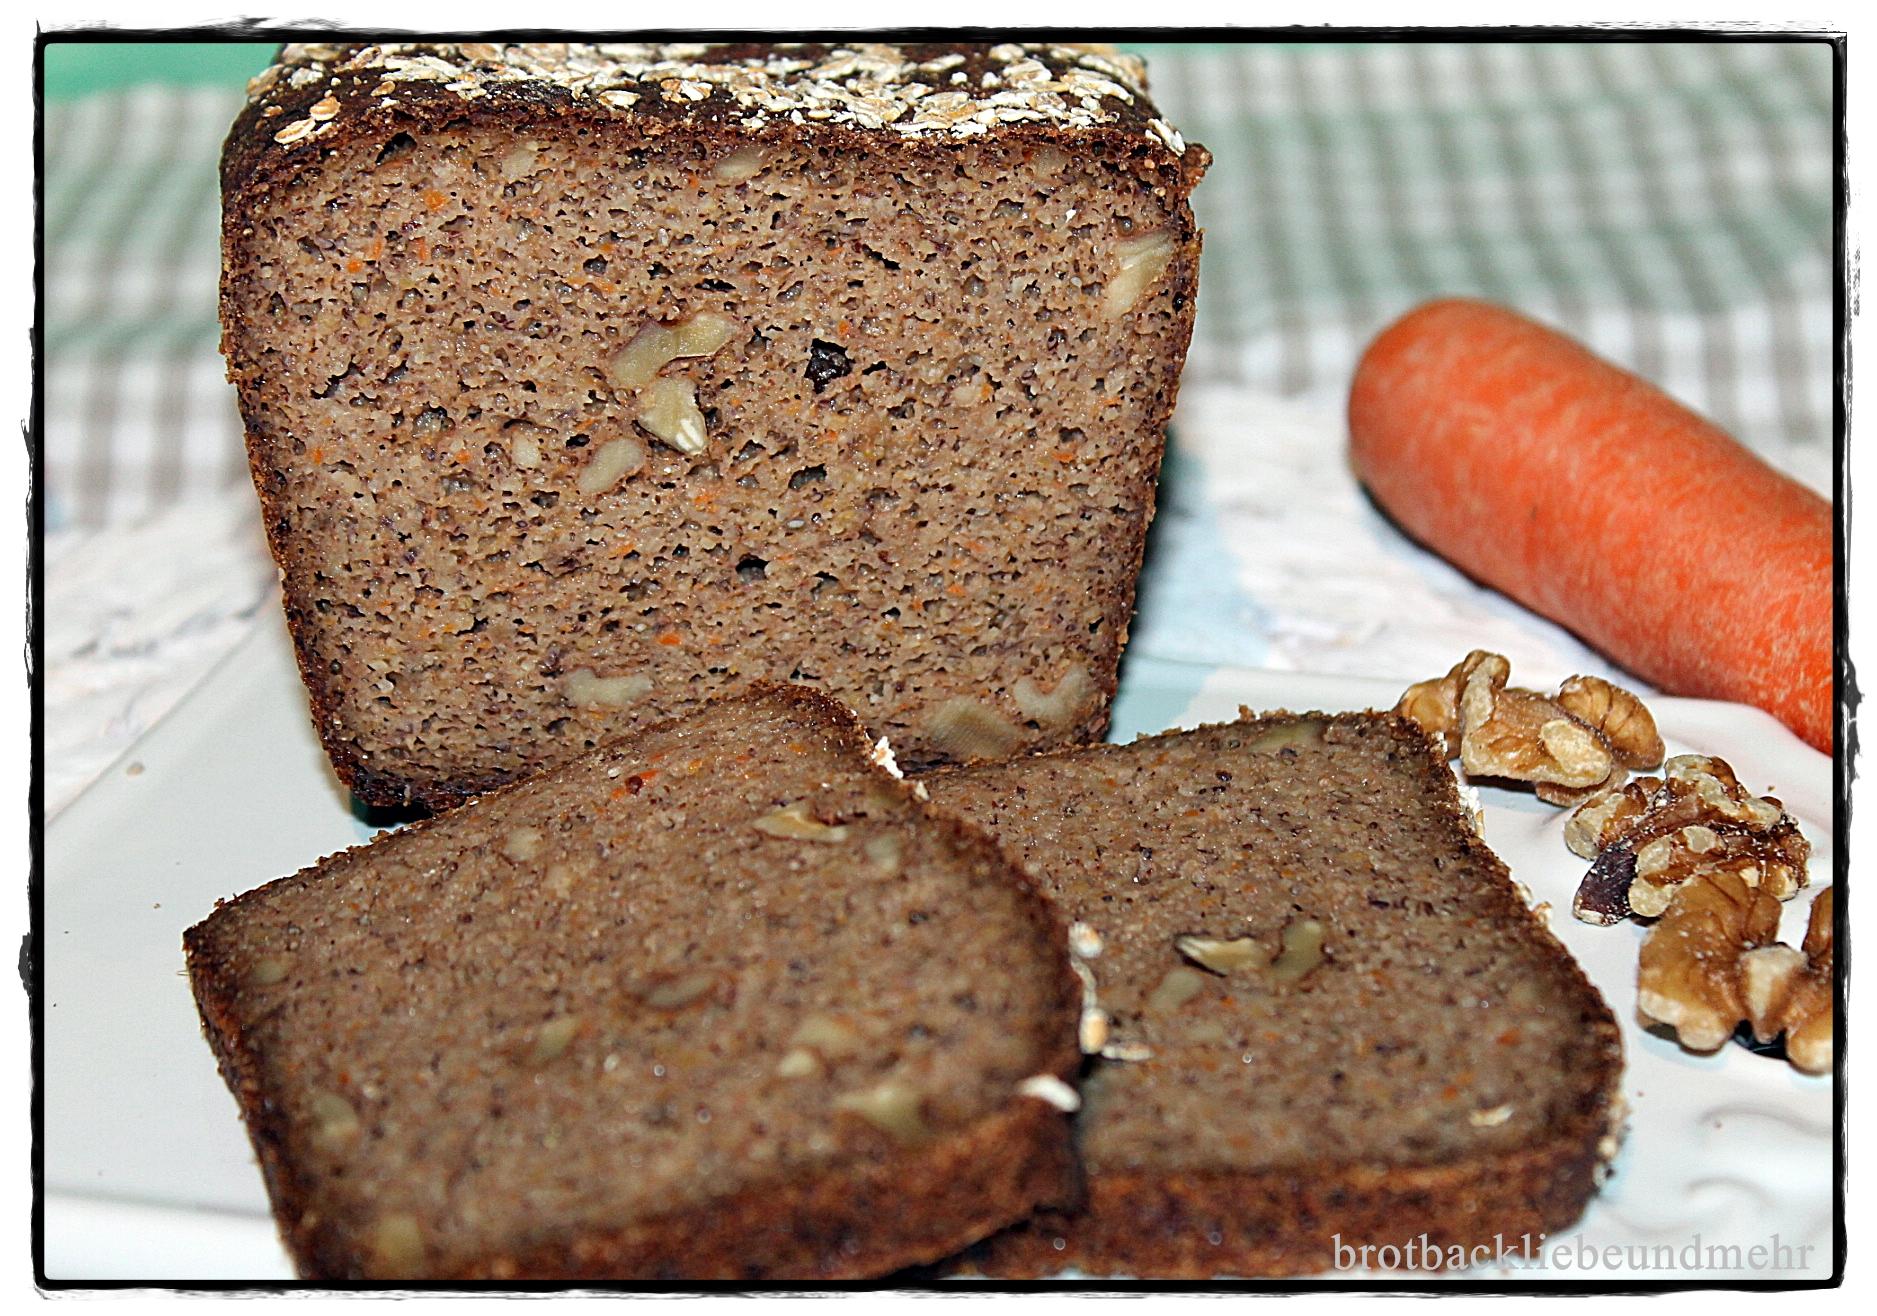 Walnuss Karottenbrot Glutenfrei Brotbackliebe Undmehr